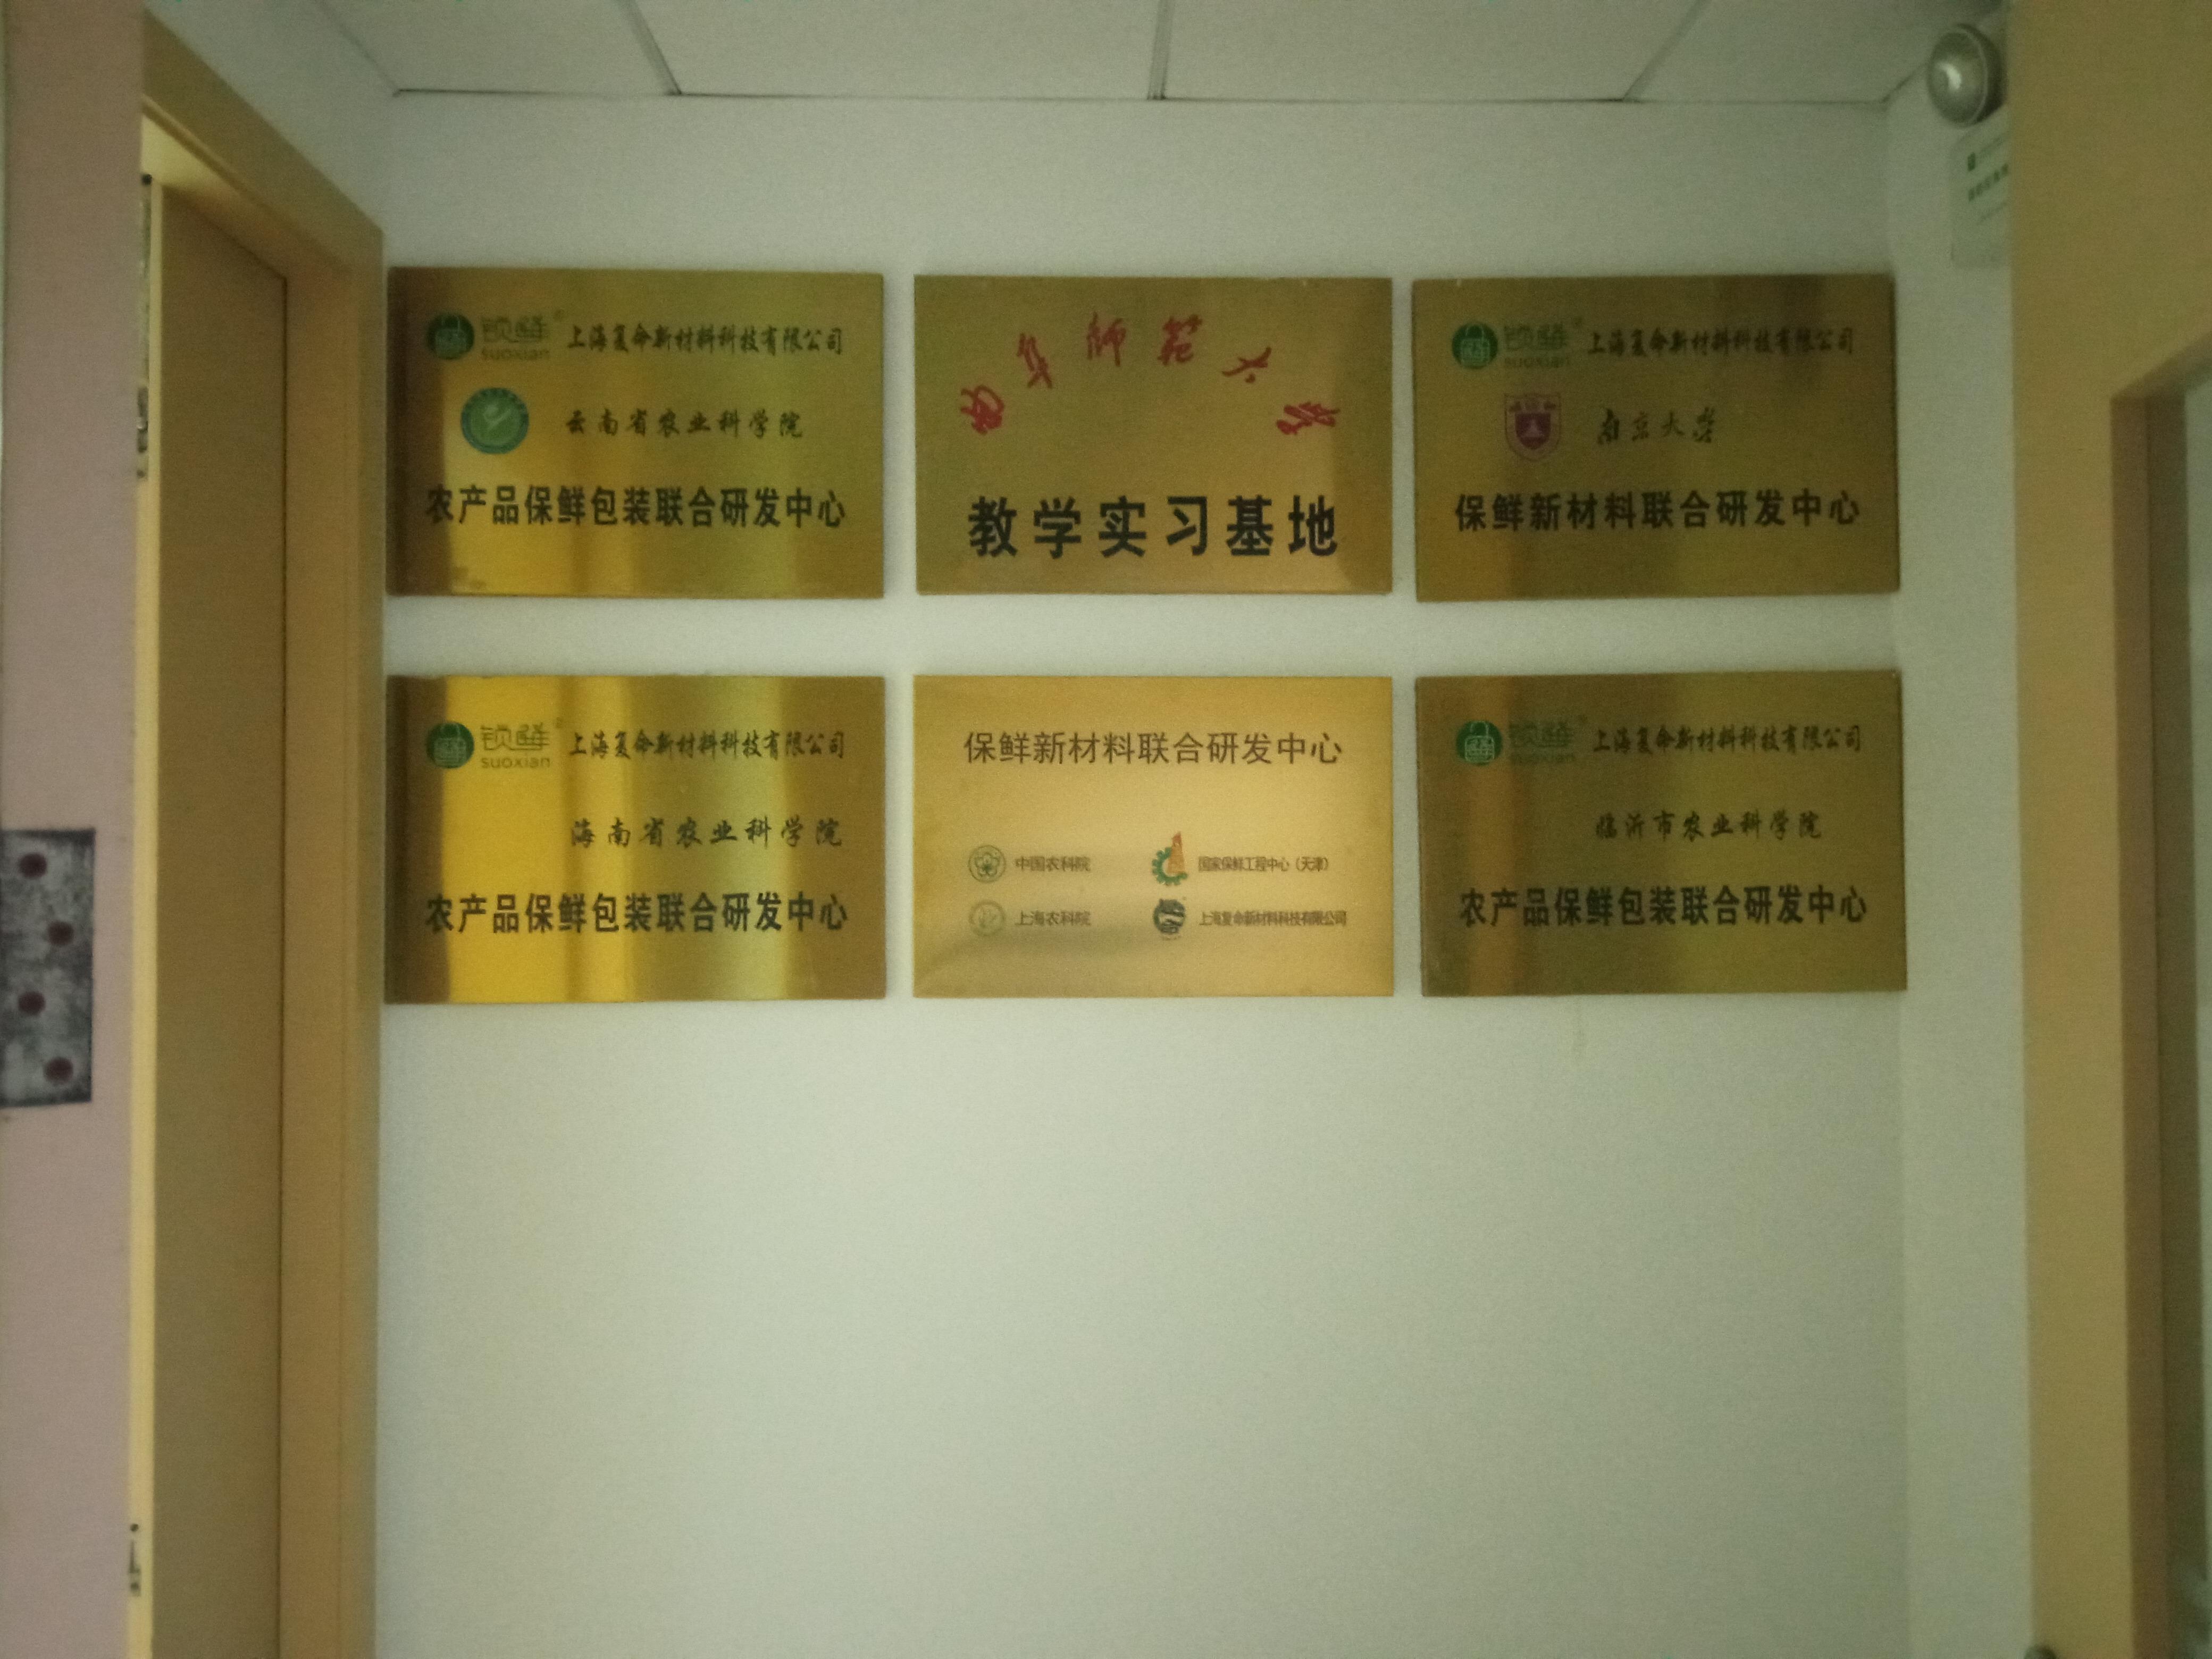 上海复命新材料科技有限公司